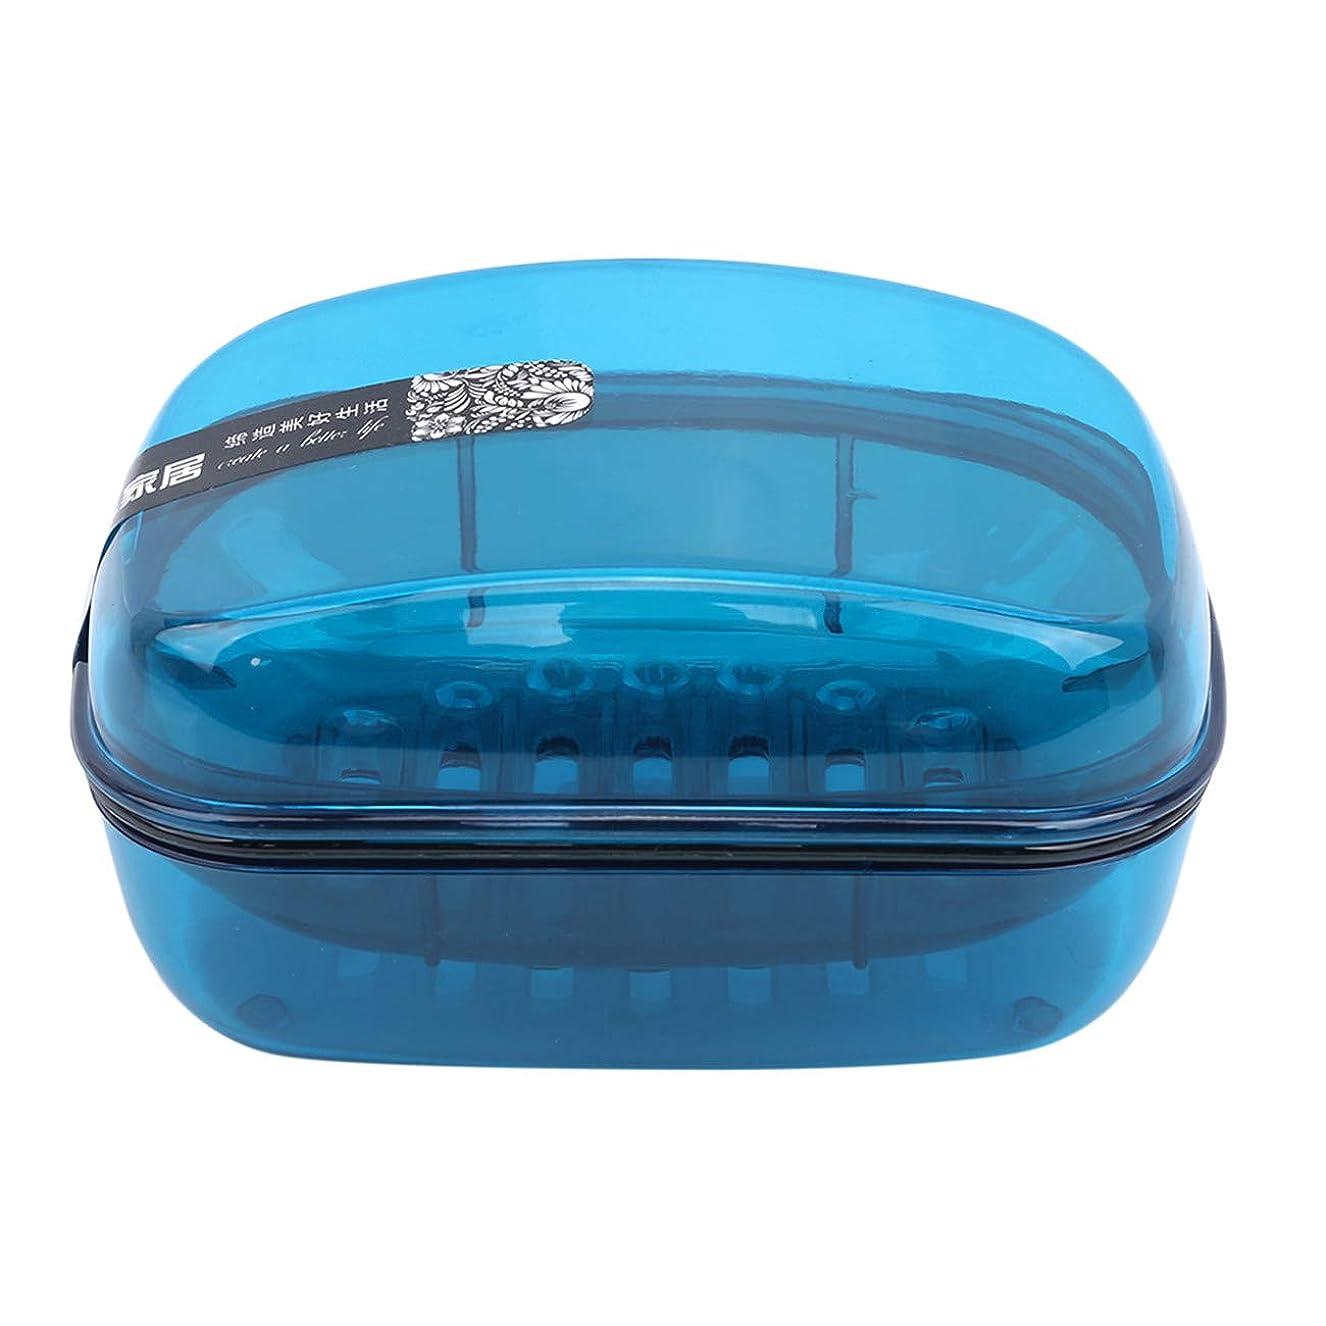 店主ランドマーク購入ZALING石鹸収納ボックス皿バスルームアクセサリーソープボックスケースホルダー付きカバーブルー